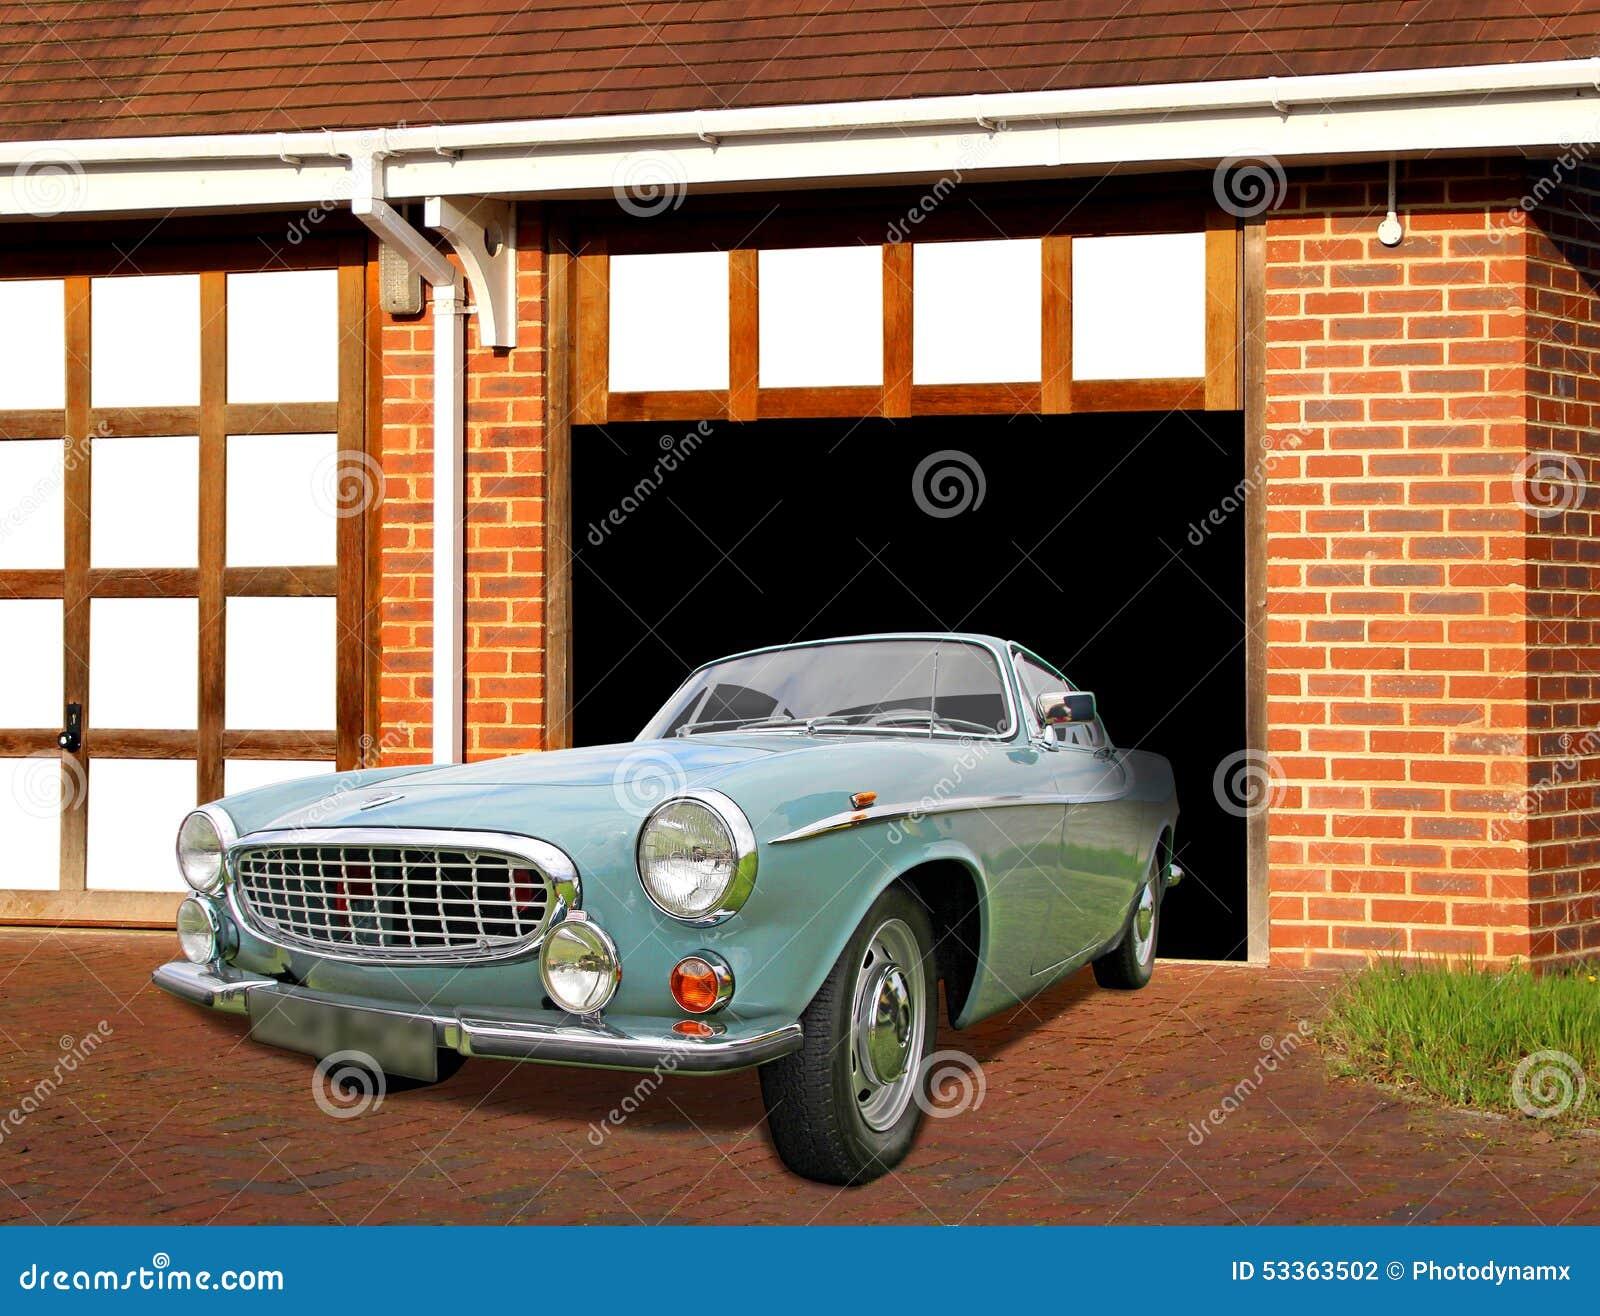 vintage volvo car in garage stock photo image of transport owner 53363502. Black Bedroom Furniture Sets. Home Design Ideas